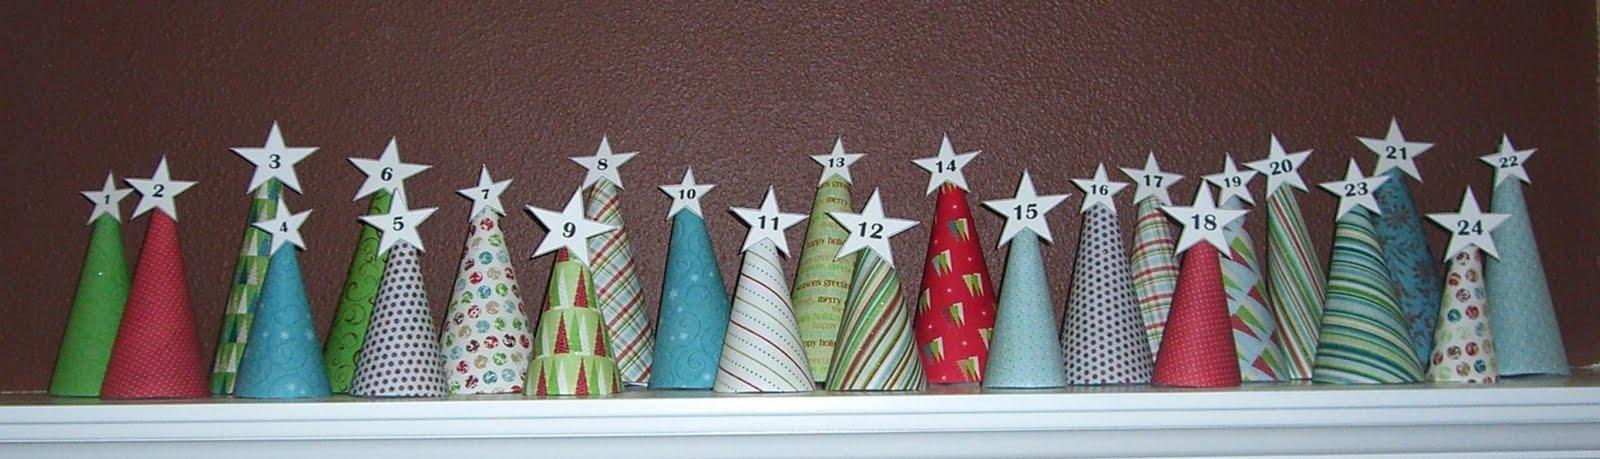 AdventCone C  Простые идеи рождественского календаря